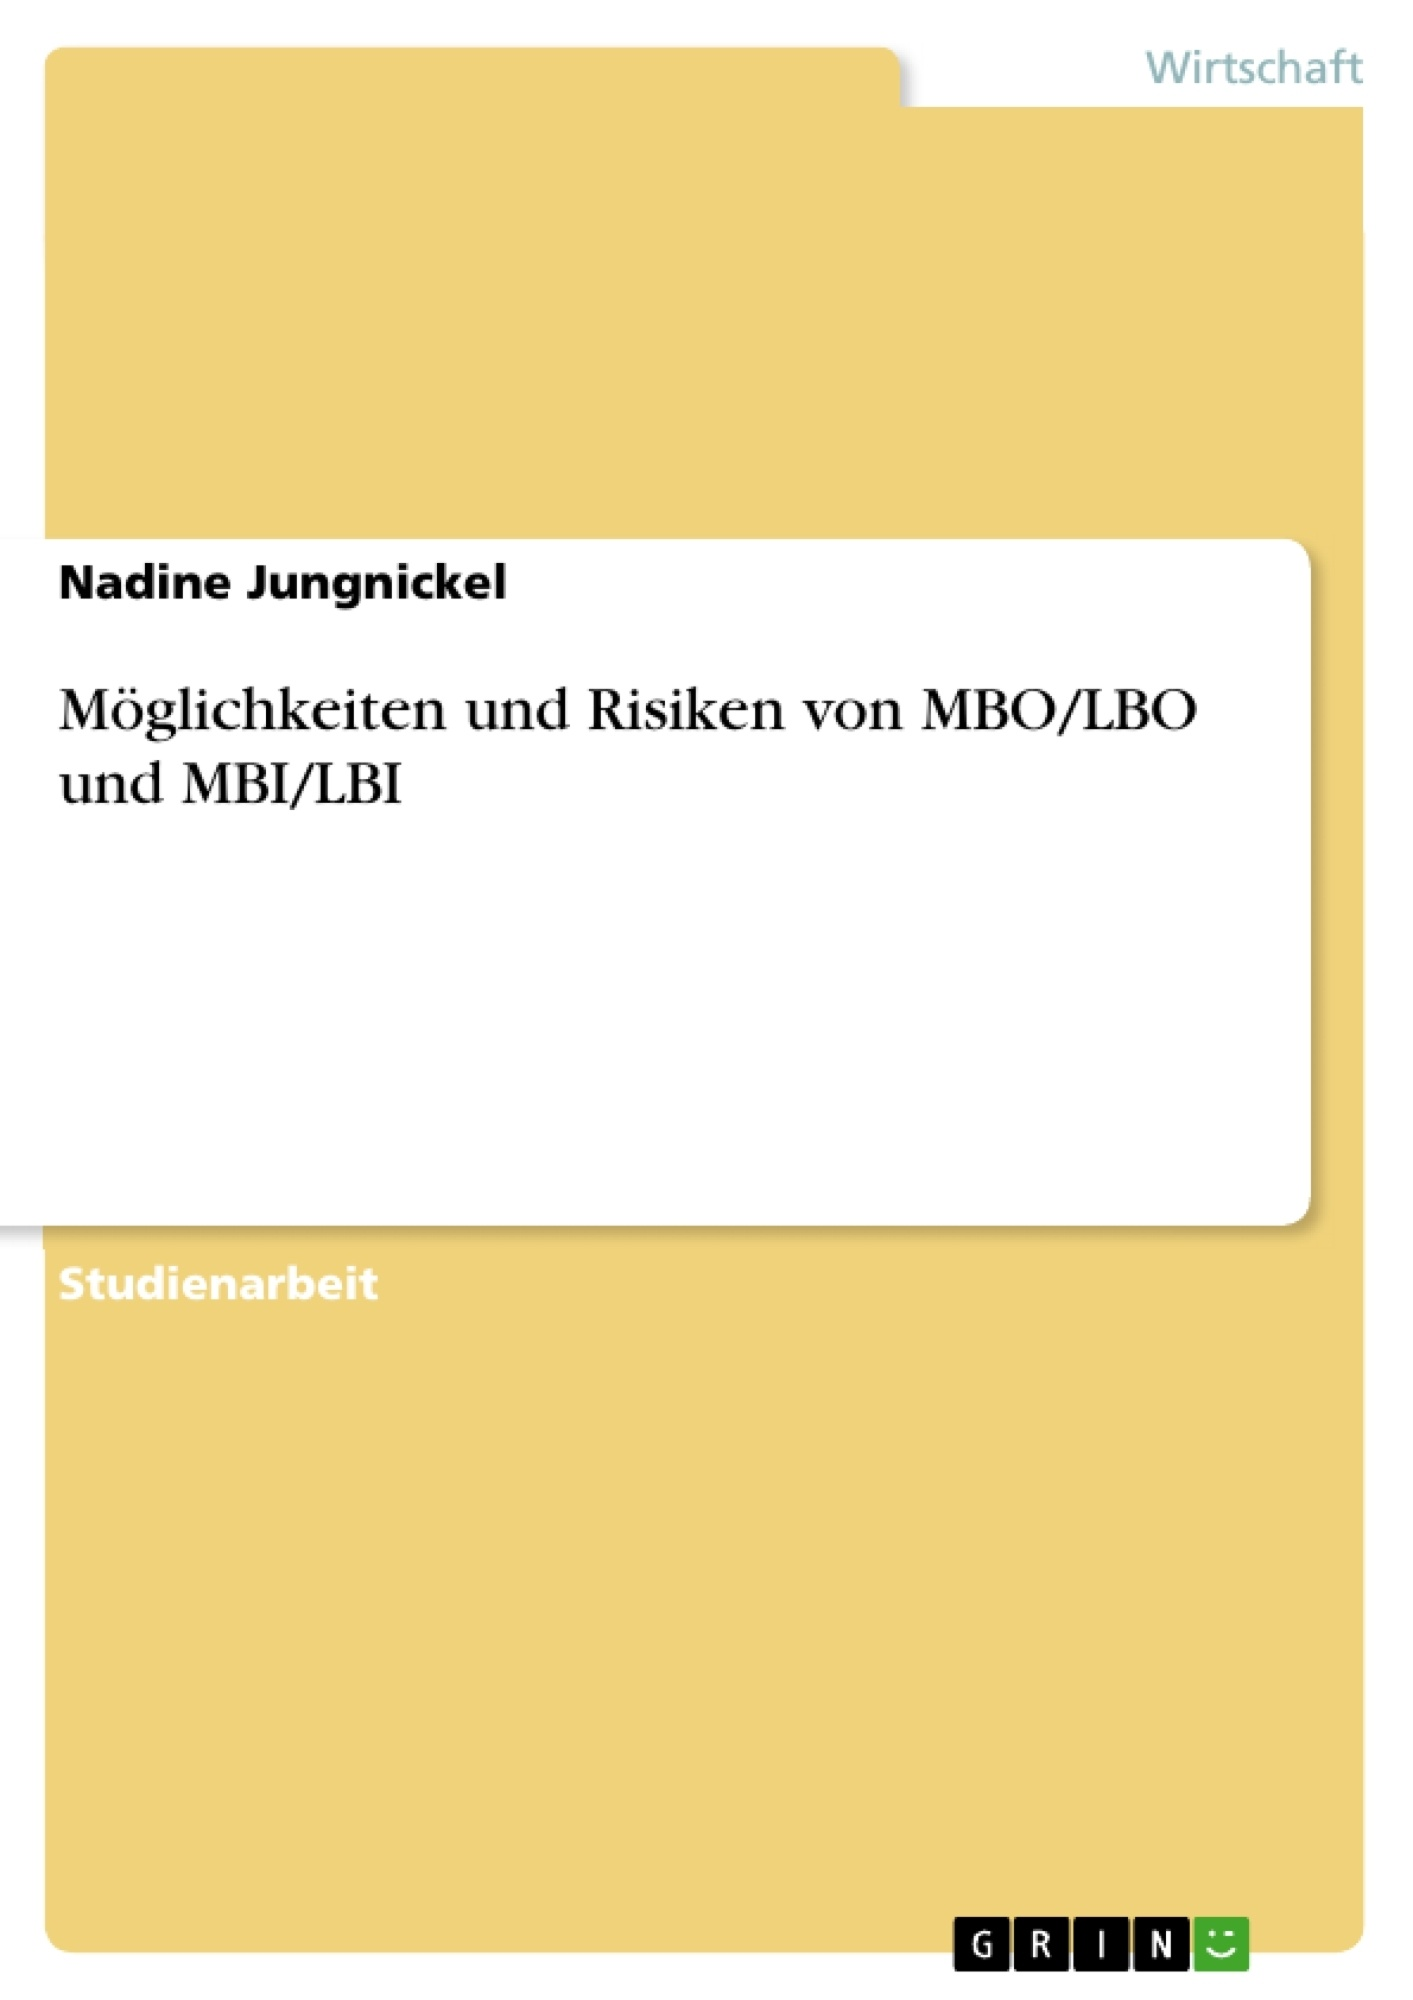 Titel: Möglichkeiten und Risiken von MBO/LBO und MBI/LBI